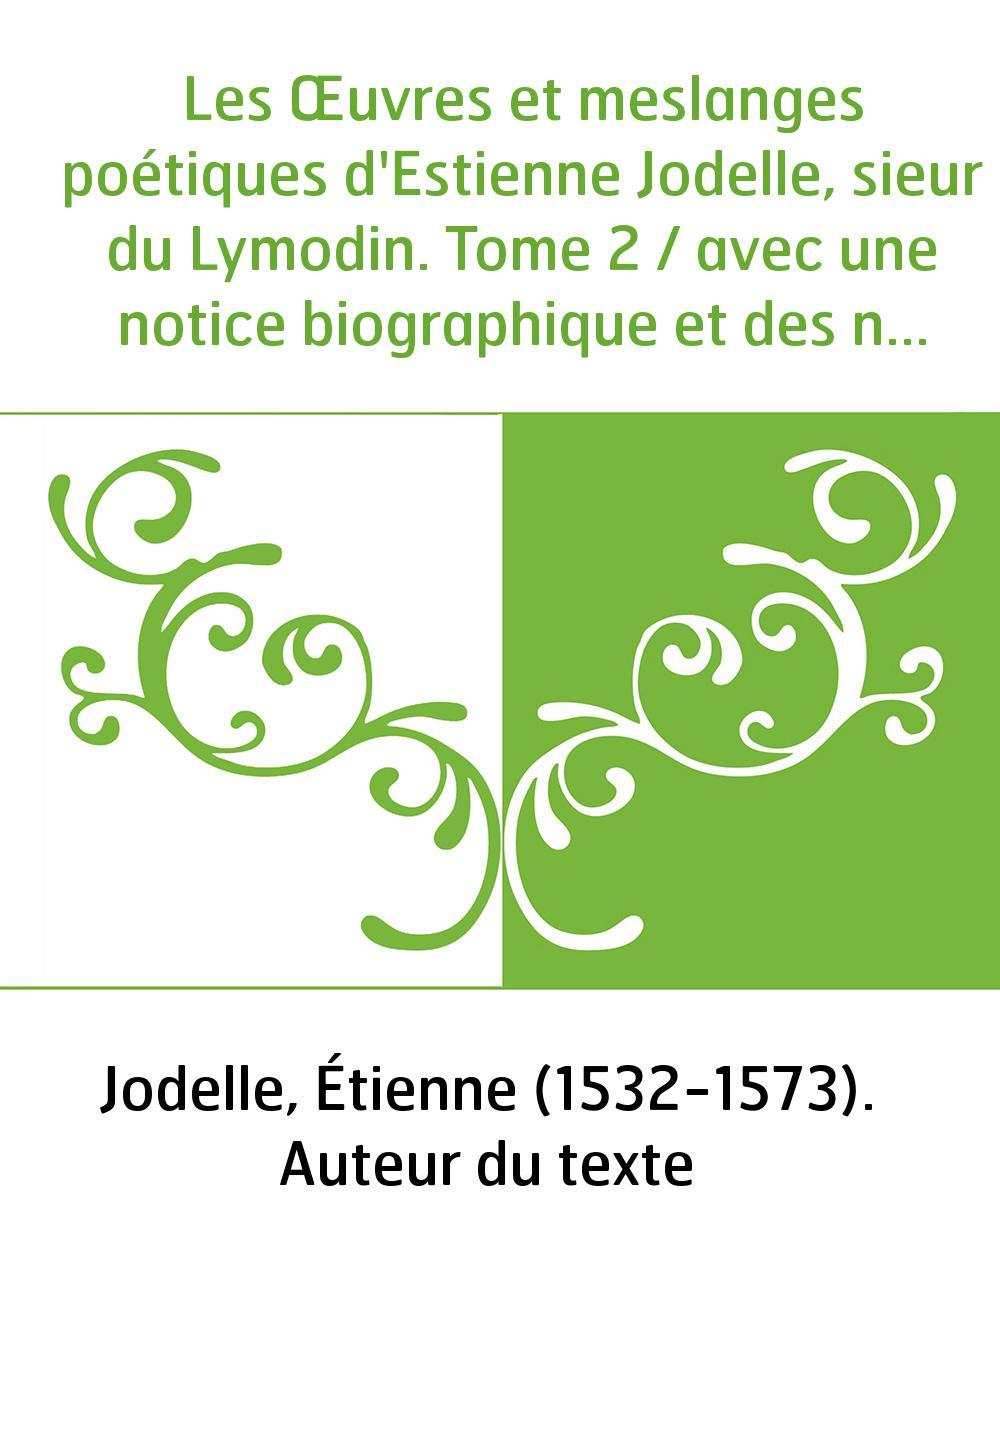 Les Œuvres et meslanges poétiques d'Estienne Jodelle, sieur du Lymodin. Tome 2 / avec une notice biographique et des notes, par